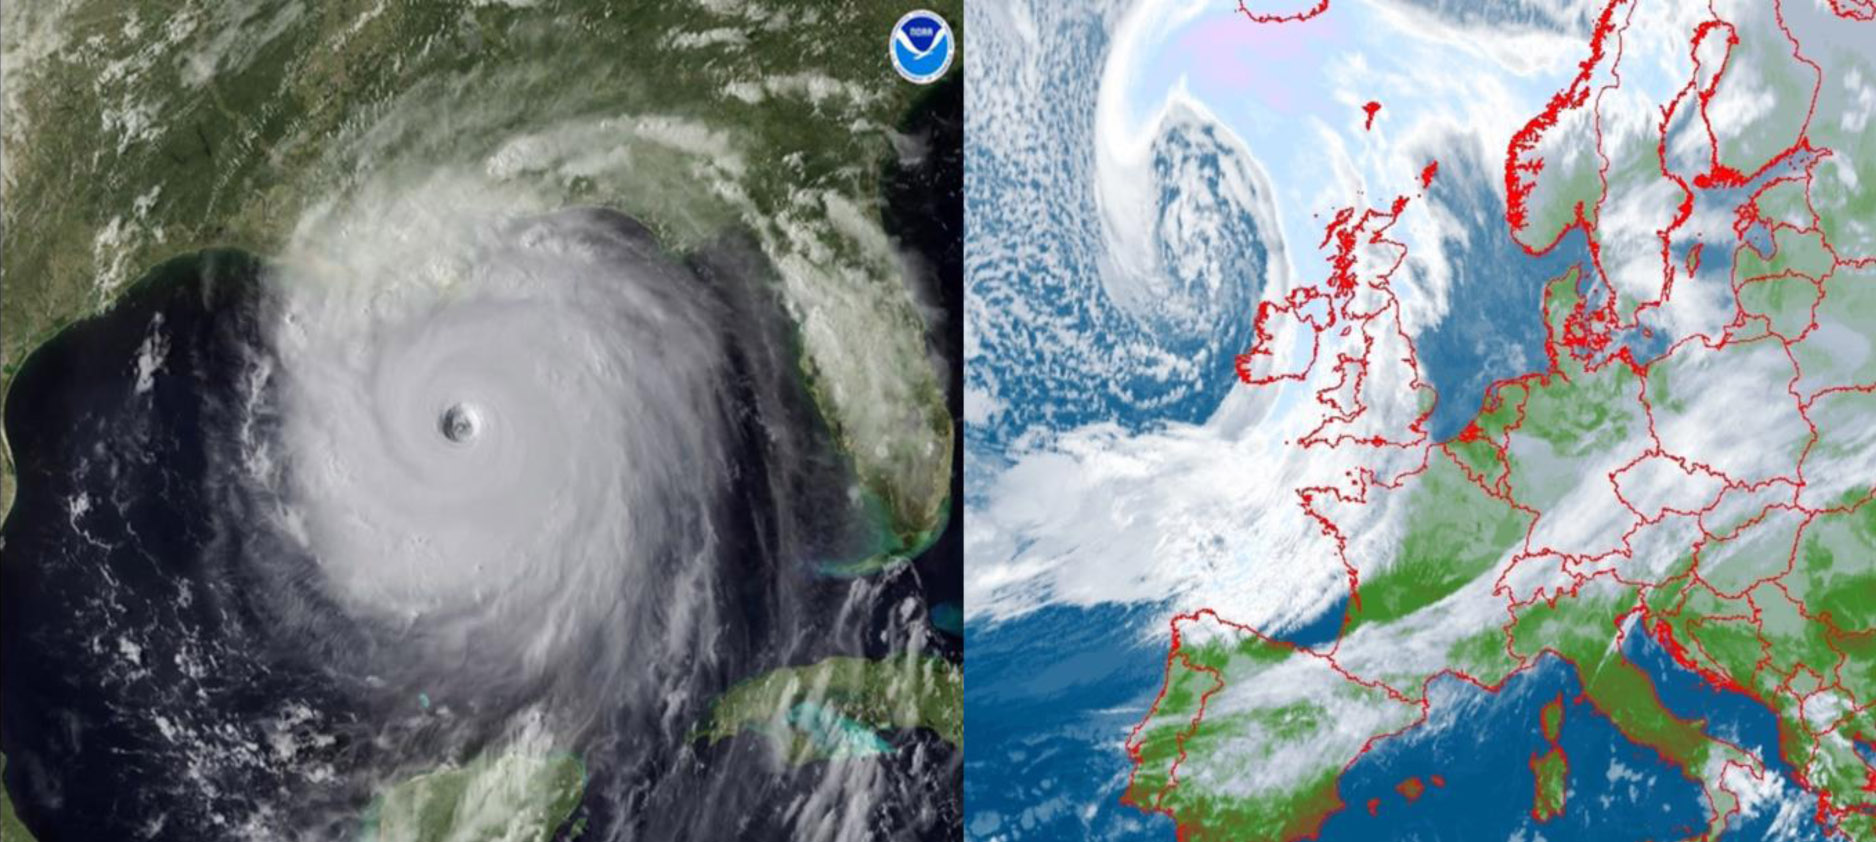 Obrazy satelitarne: huraganu (po lewej; źródło NOAA) i aktywnego niżu z układem frontów atmosferycznych z ośrodkiem w rejonie Wysp Brytyjskich (po prawej; źródło METEOSAT).